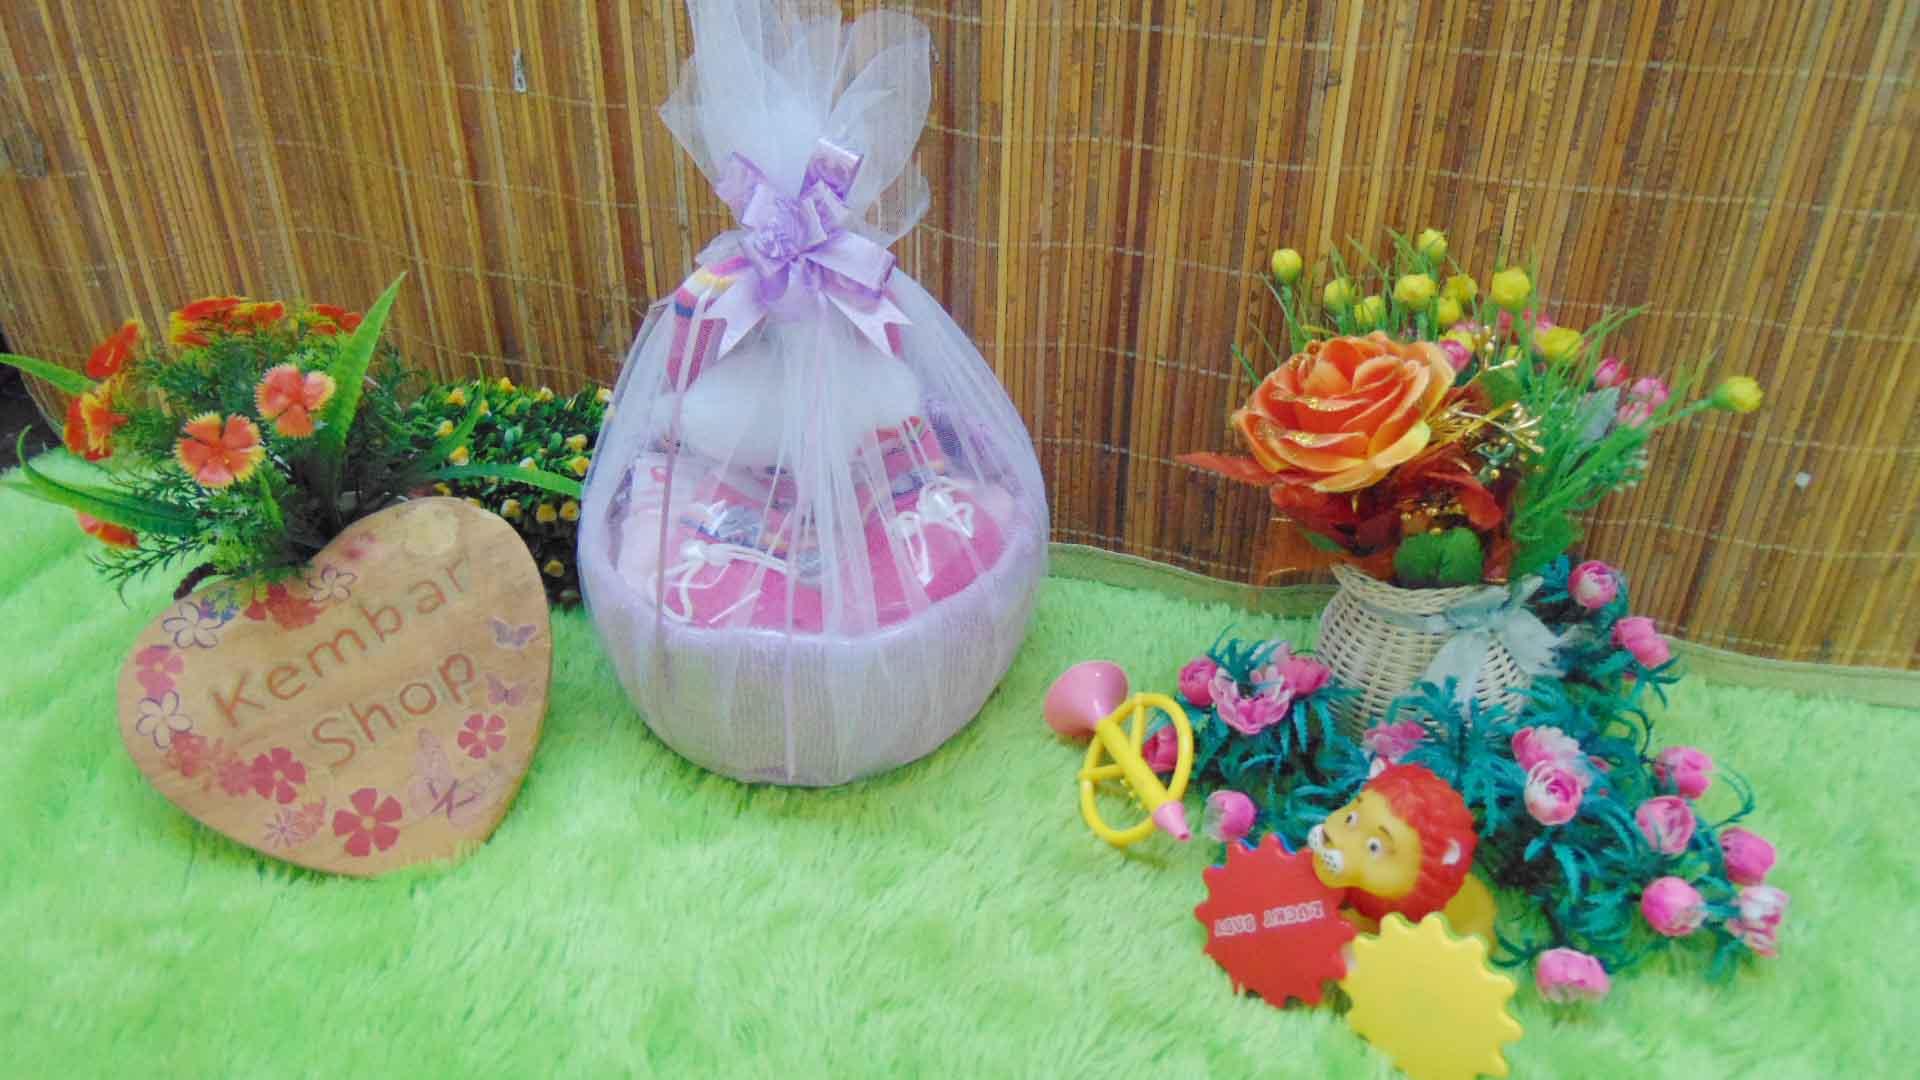 FREE KARTU UCAPAN Parcel Kado Bayi Boy Girl Handuk Tile Cantik (11)